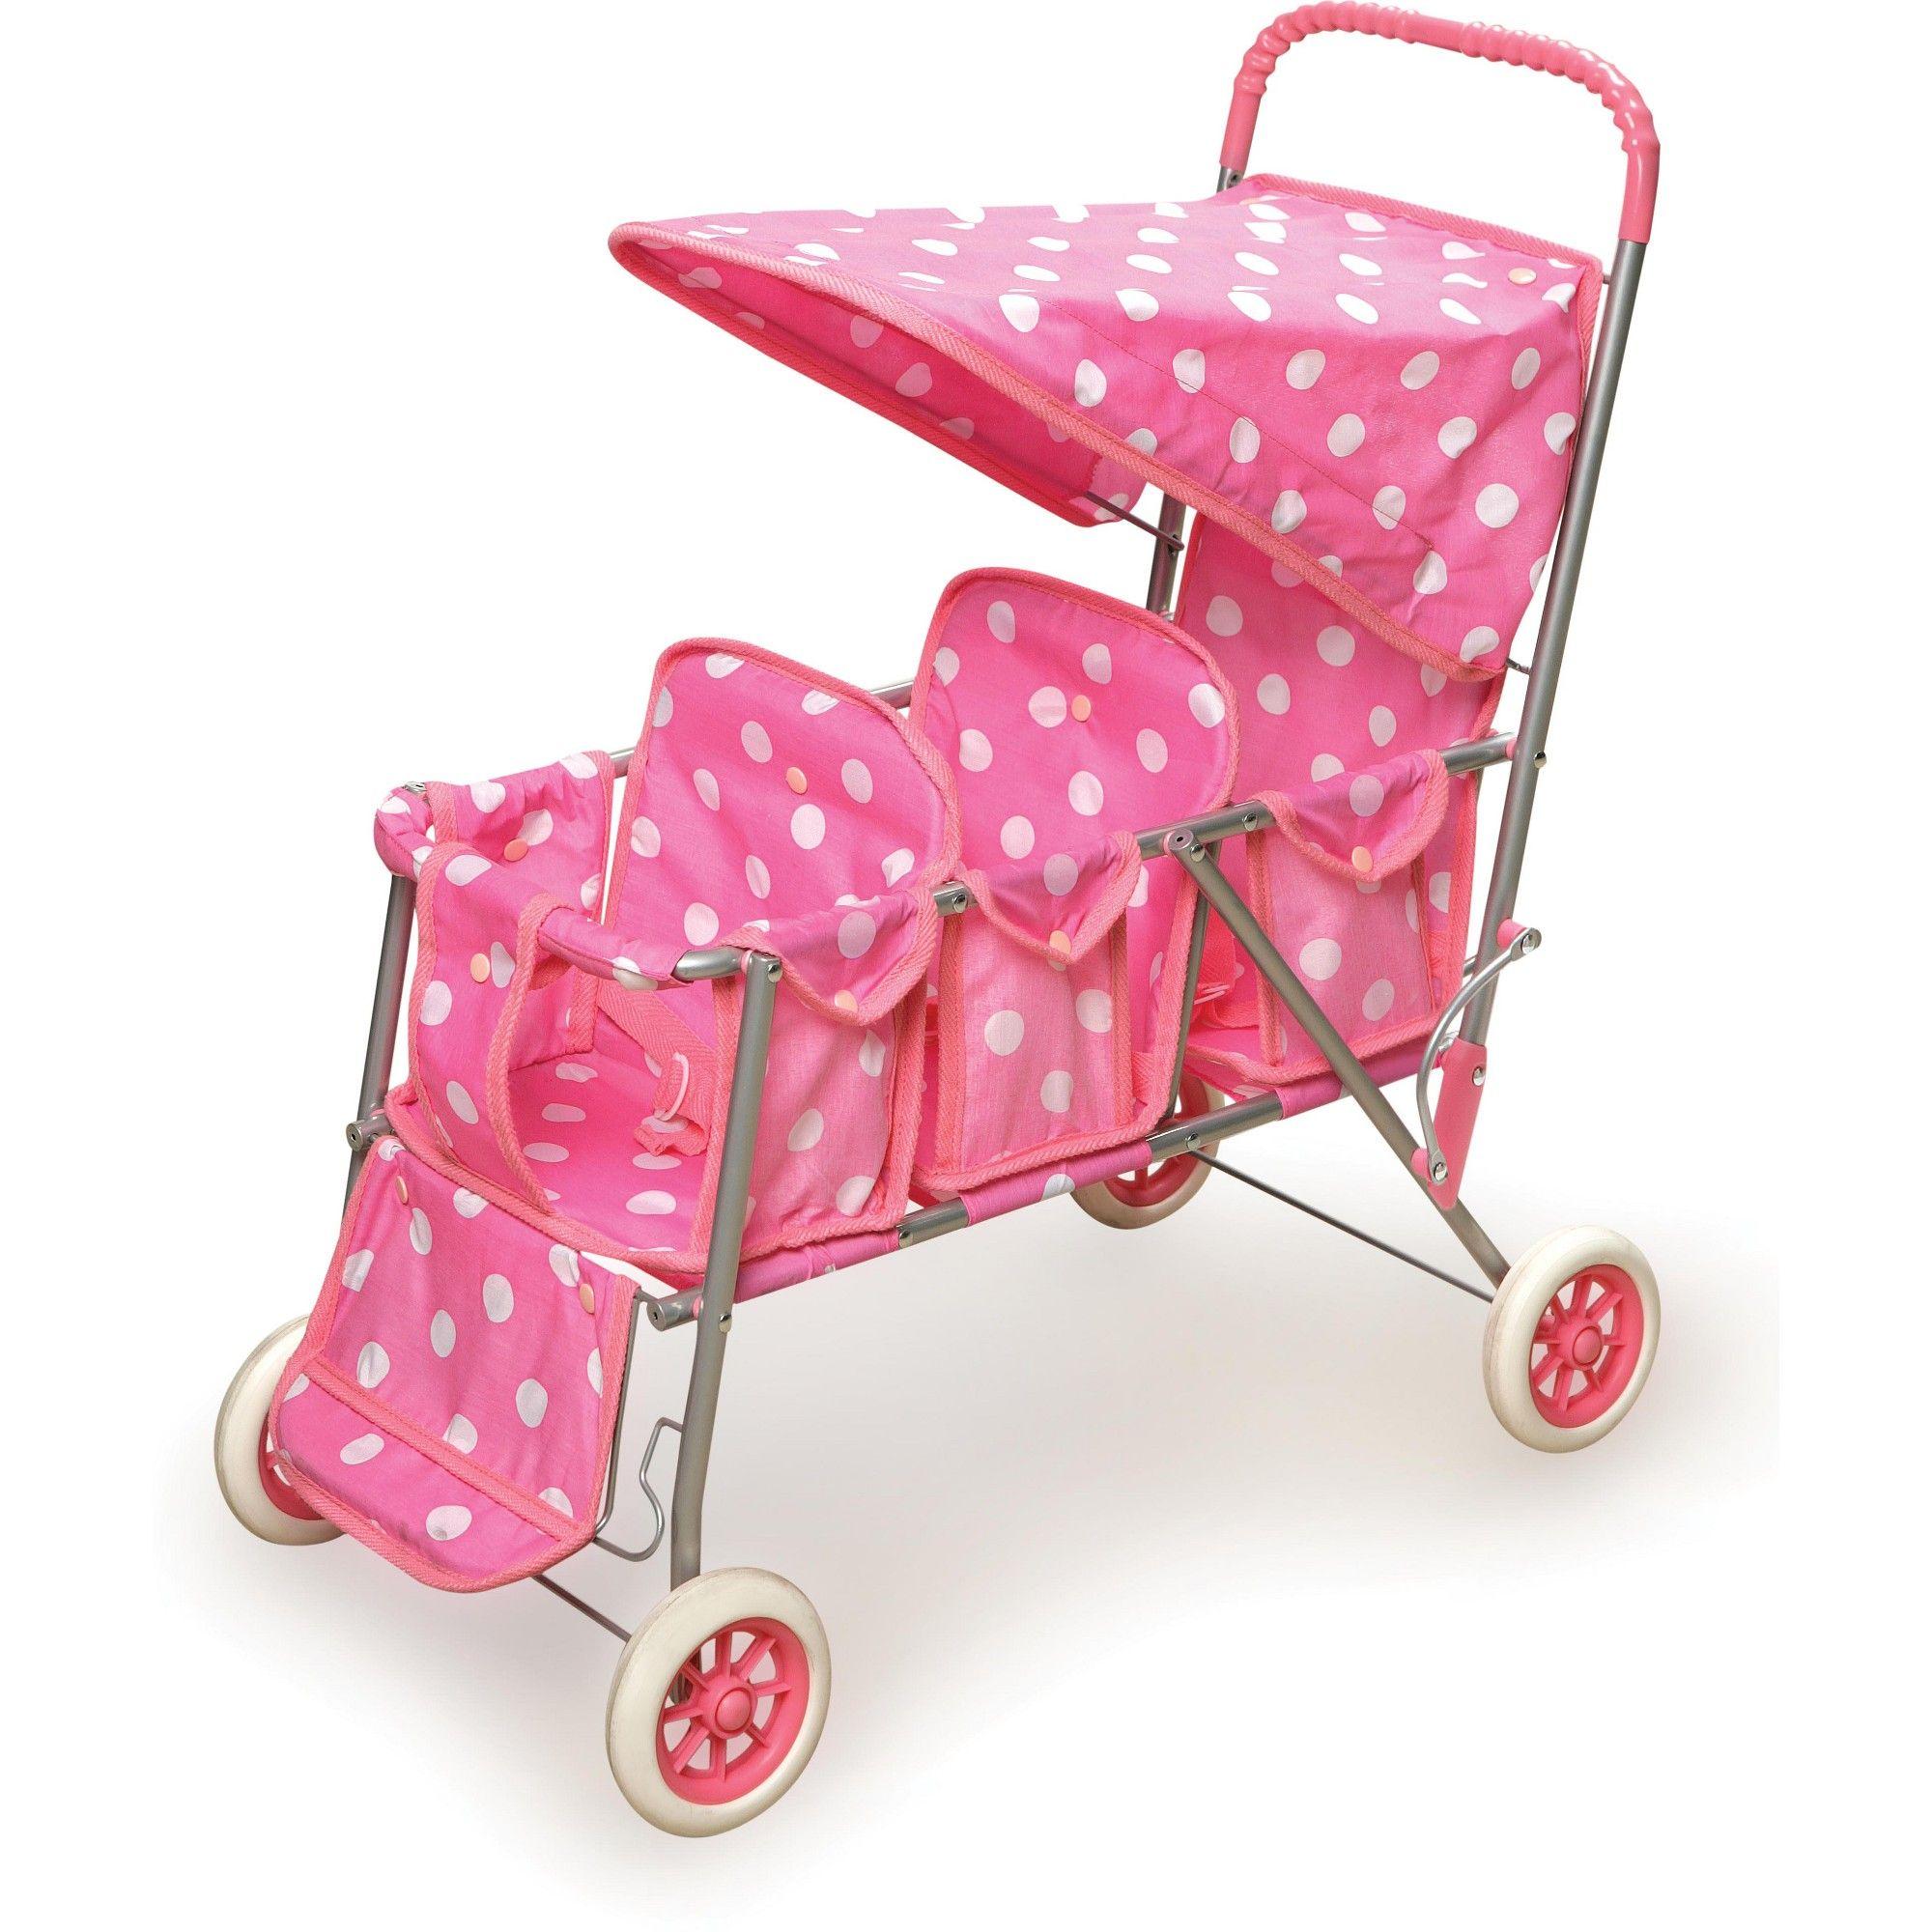 Badger Basket Triple Doll Stroller Polka Dots Baby